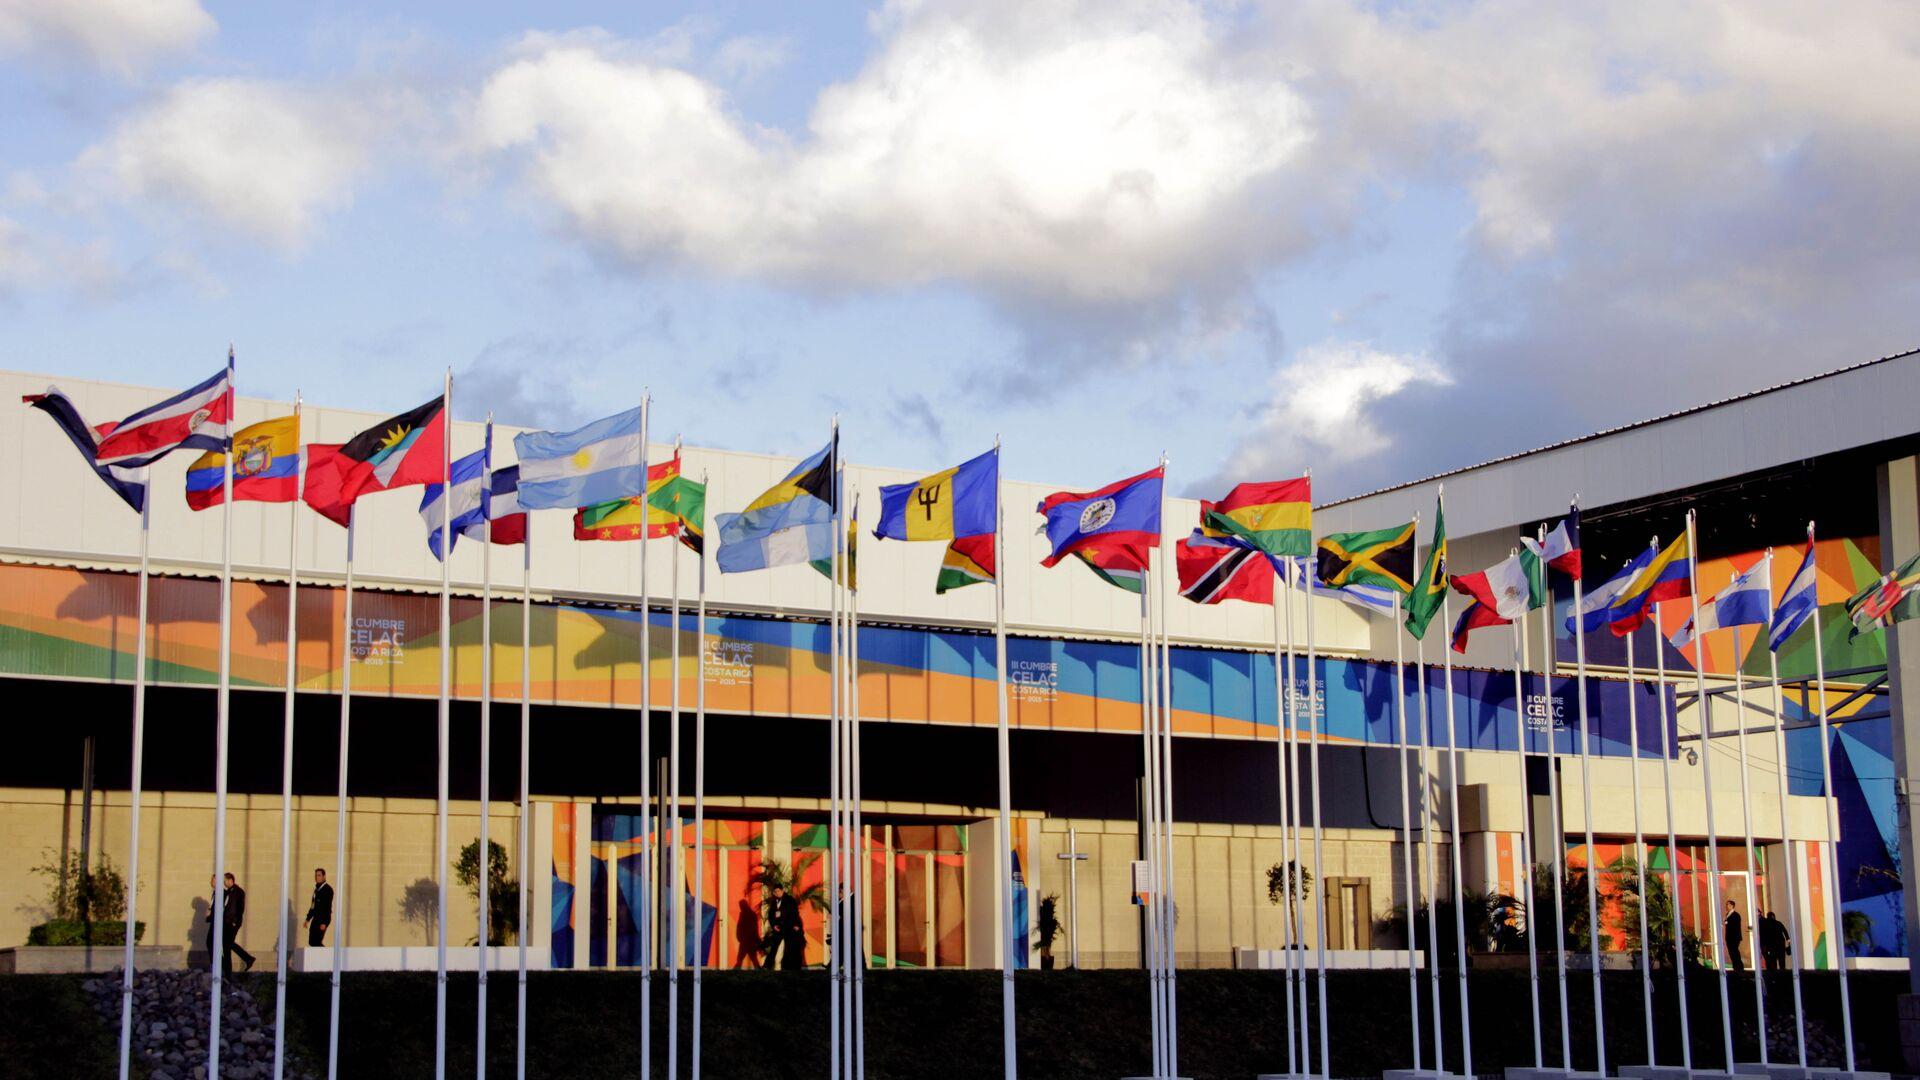 Banderas de los países miembros de CELAC - Sputnik Mundo, 1920, 04.02.2021